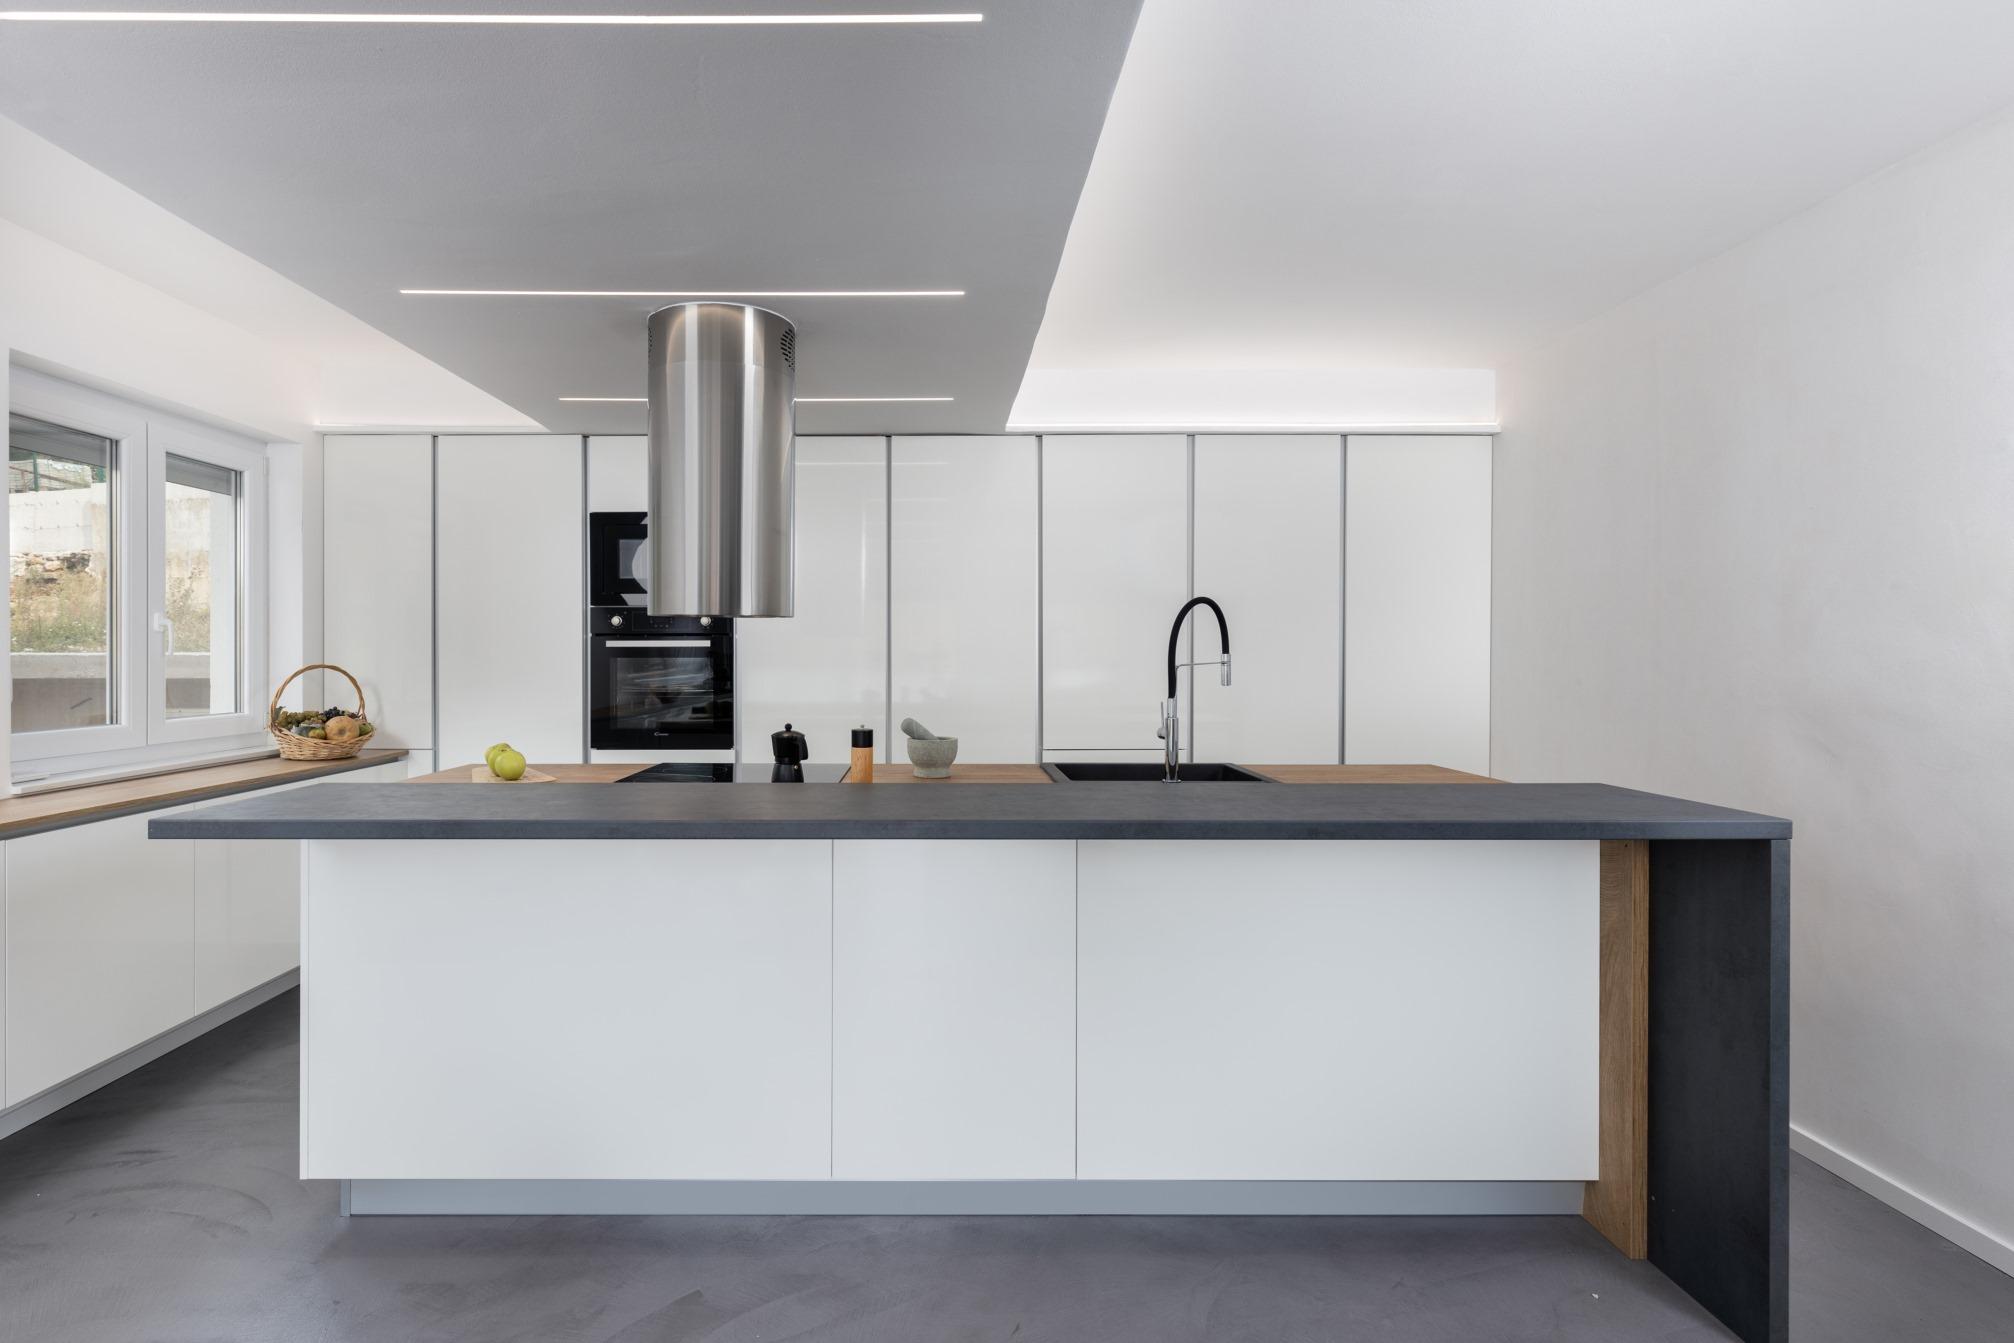 Kuhinje po mjeri: 7 trendova u uređenju za 2021.